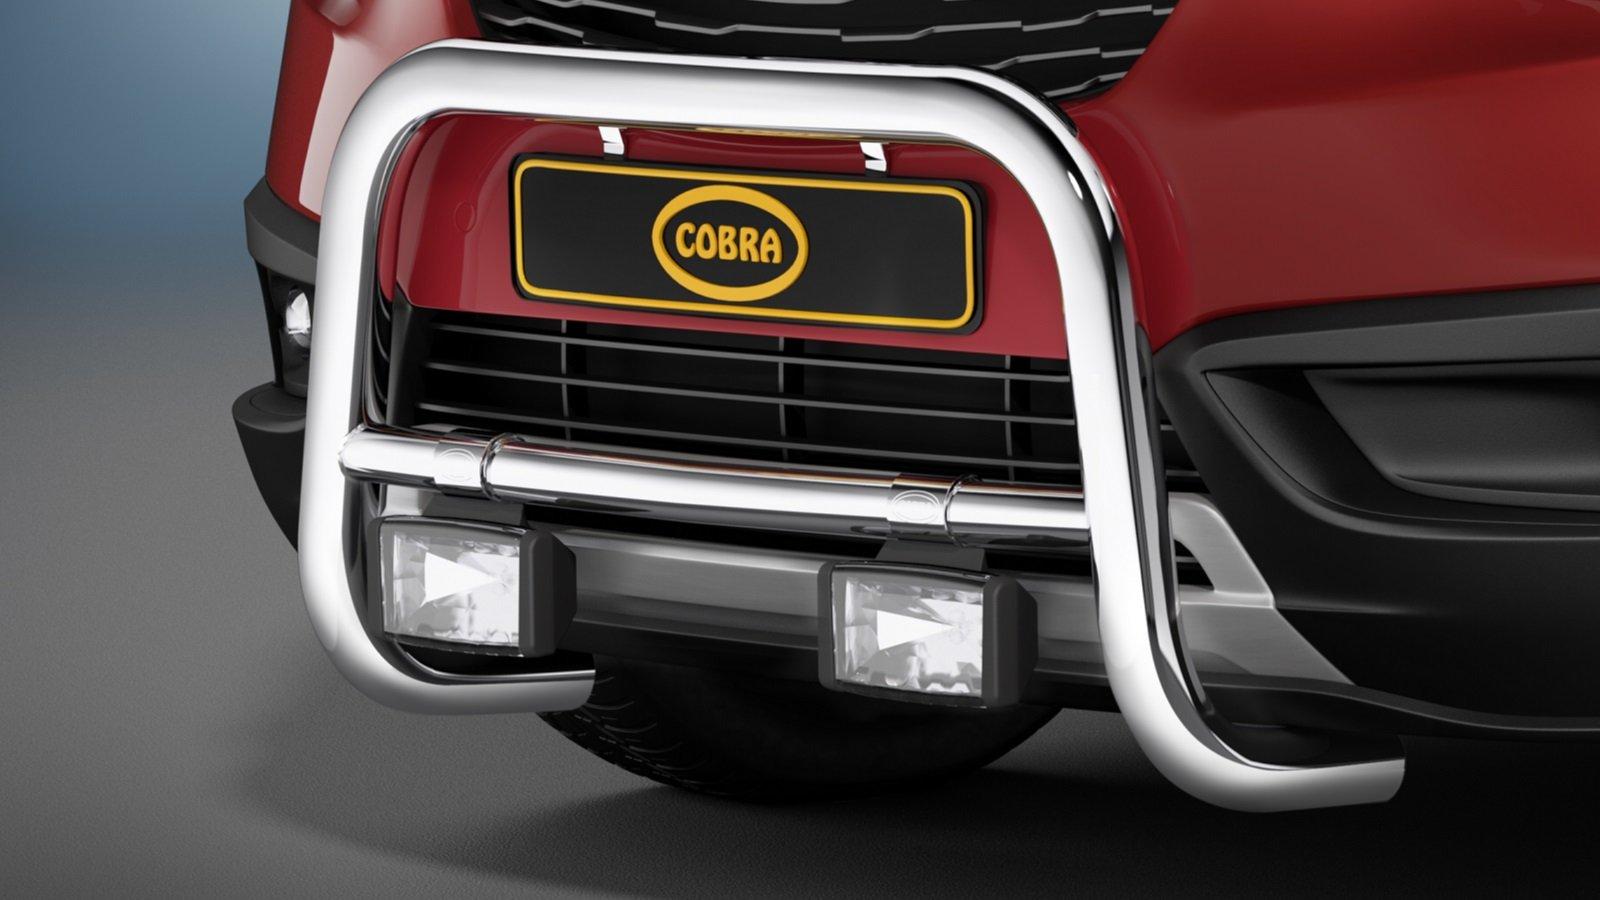 Cobra EU-kufanger, Ø 60 mm, Citroën C3  Aircross, mod. 2018-> / Opel Crossland X mod. 2017->